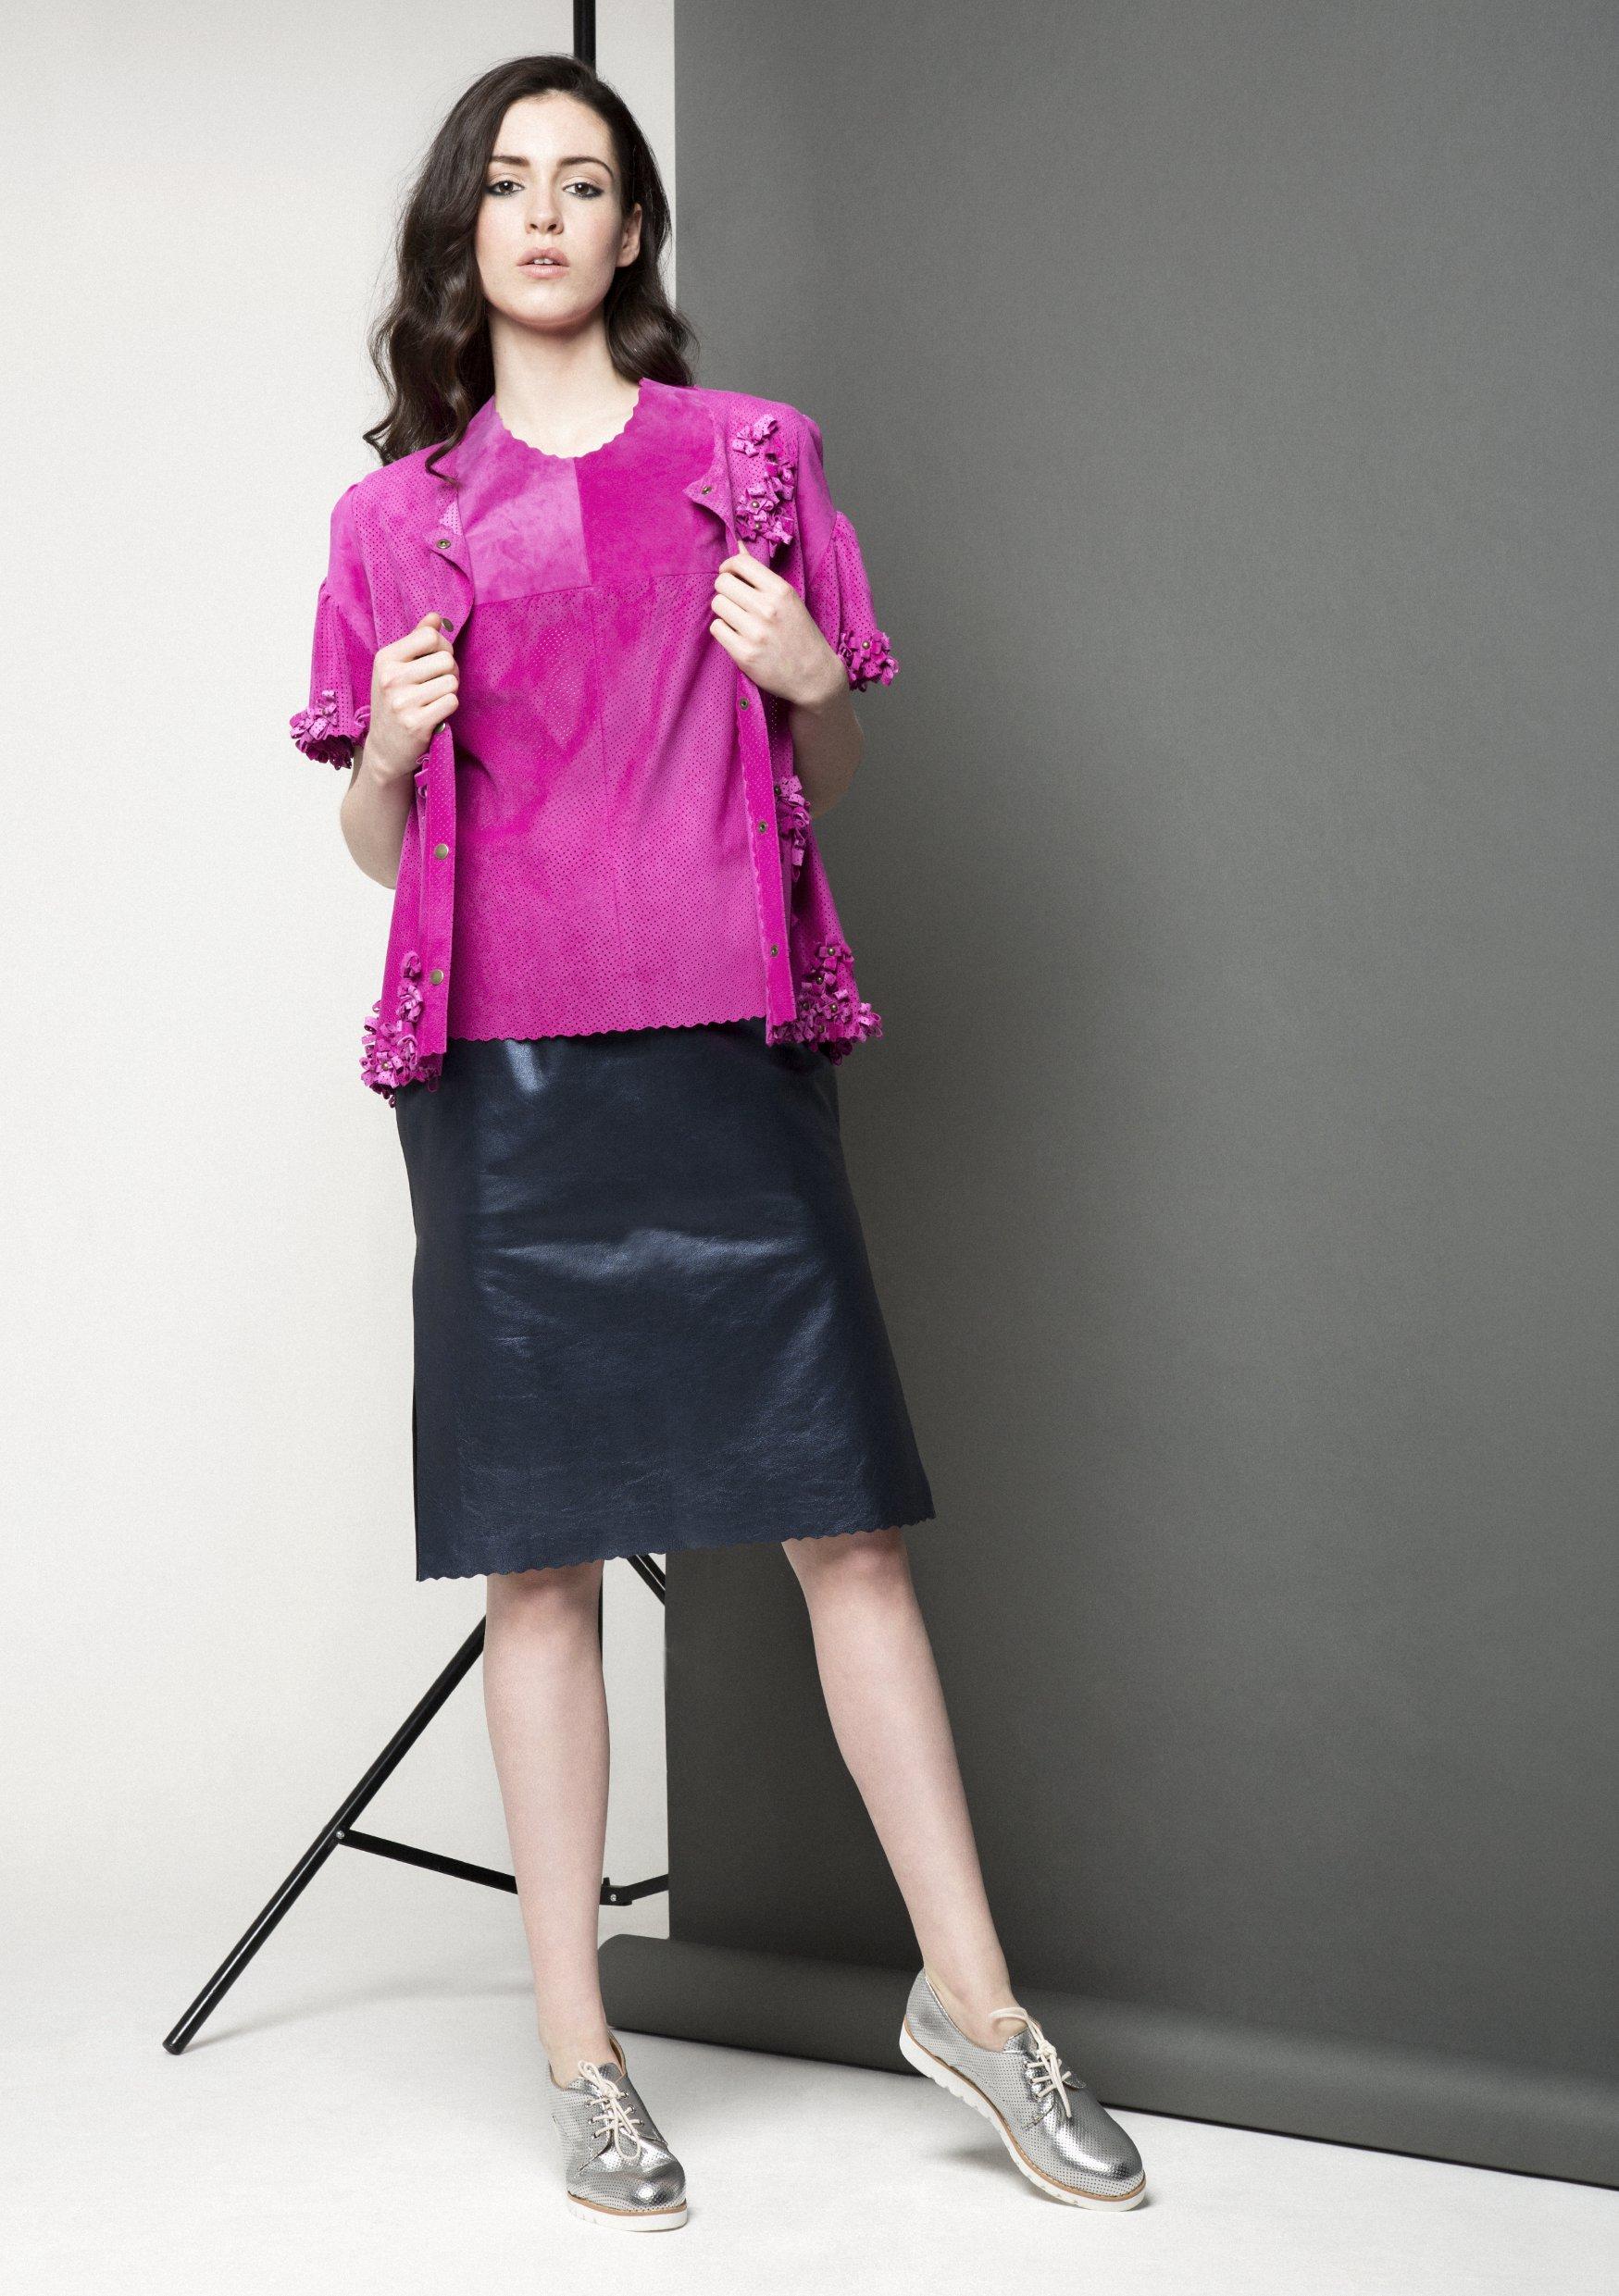 Manley AW15 Maya Leather Tee €220, Maya Bow Jacket €486, Maya Metallic Skirt €278.jpg